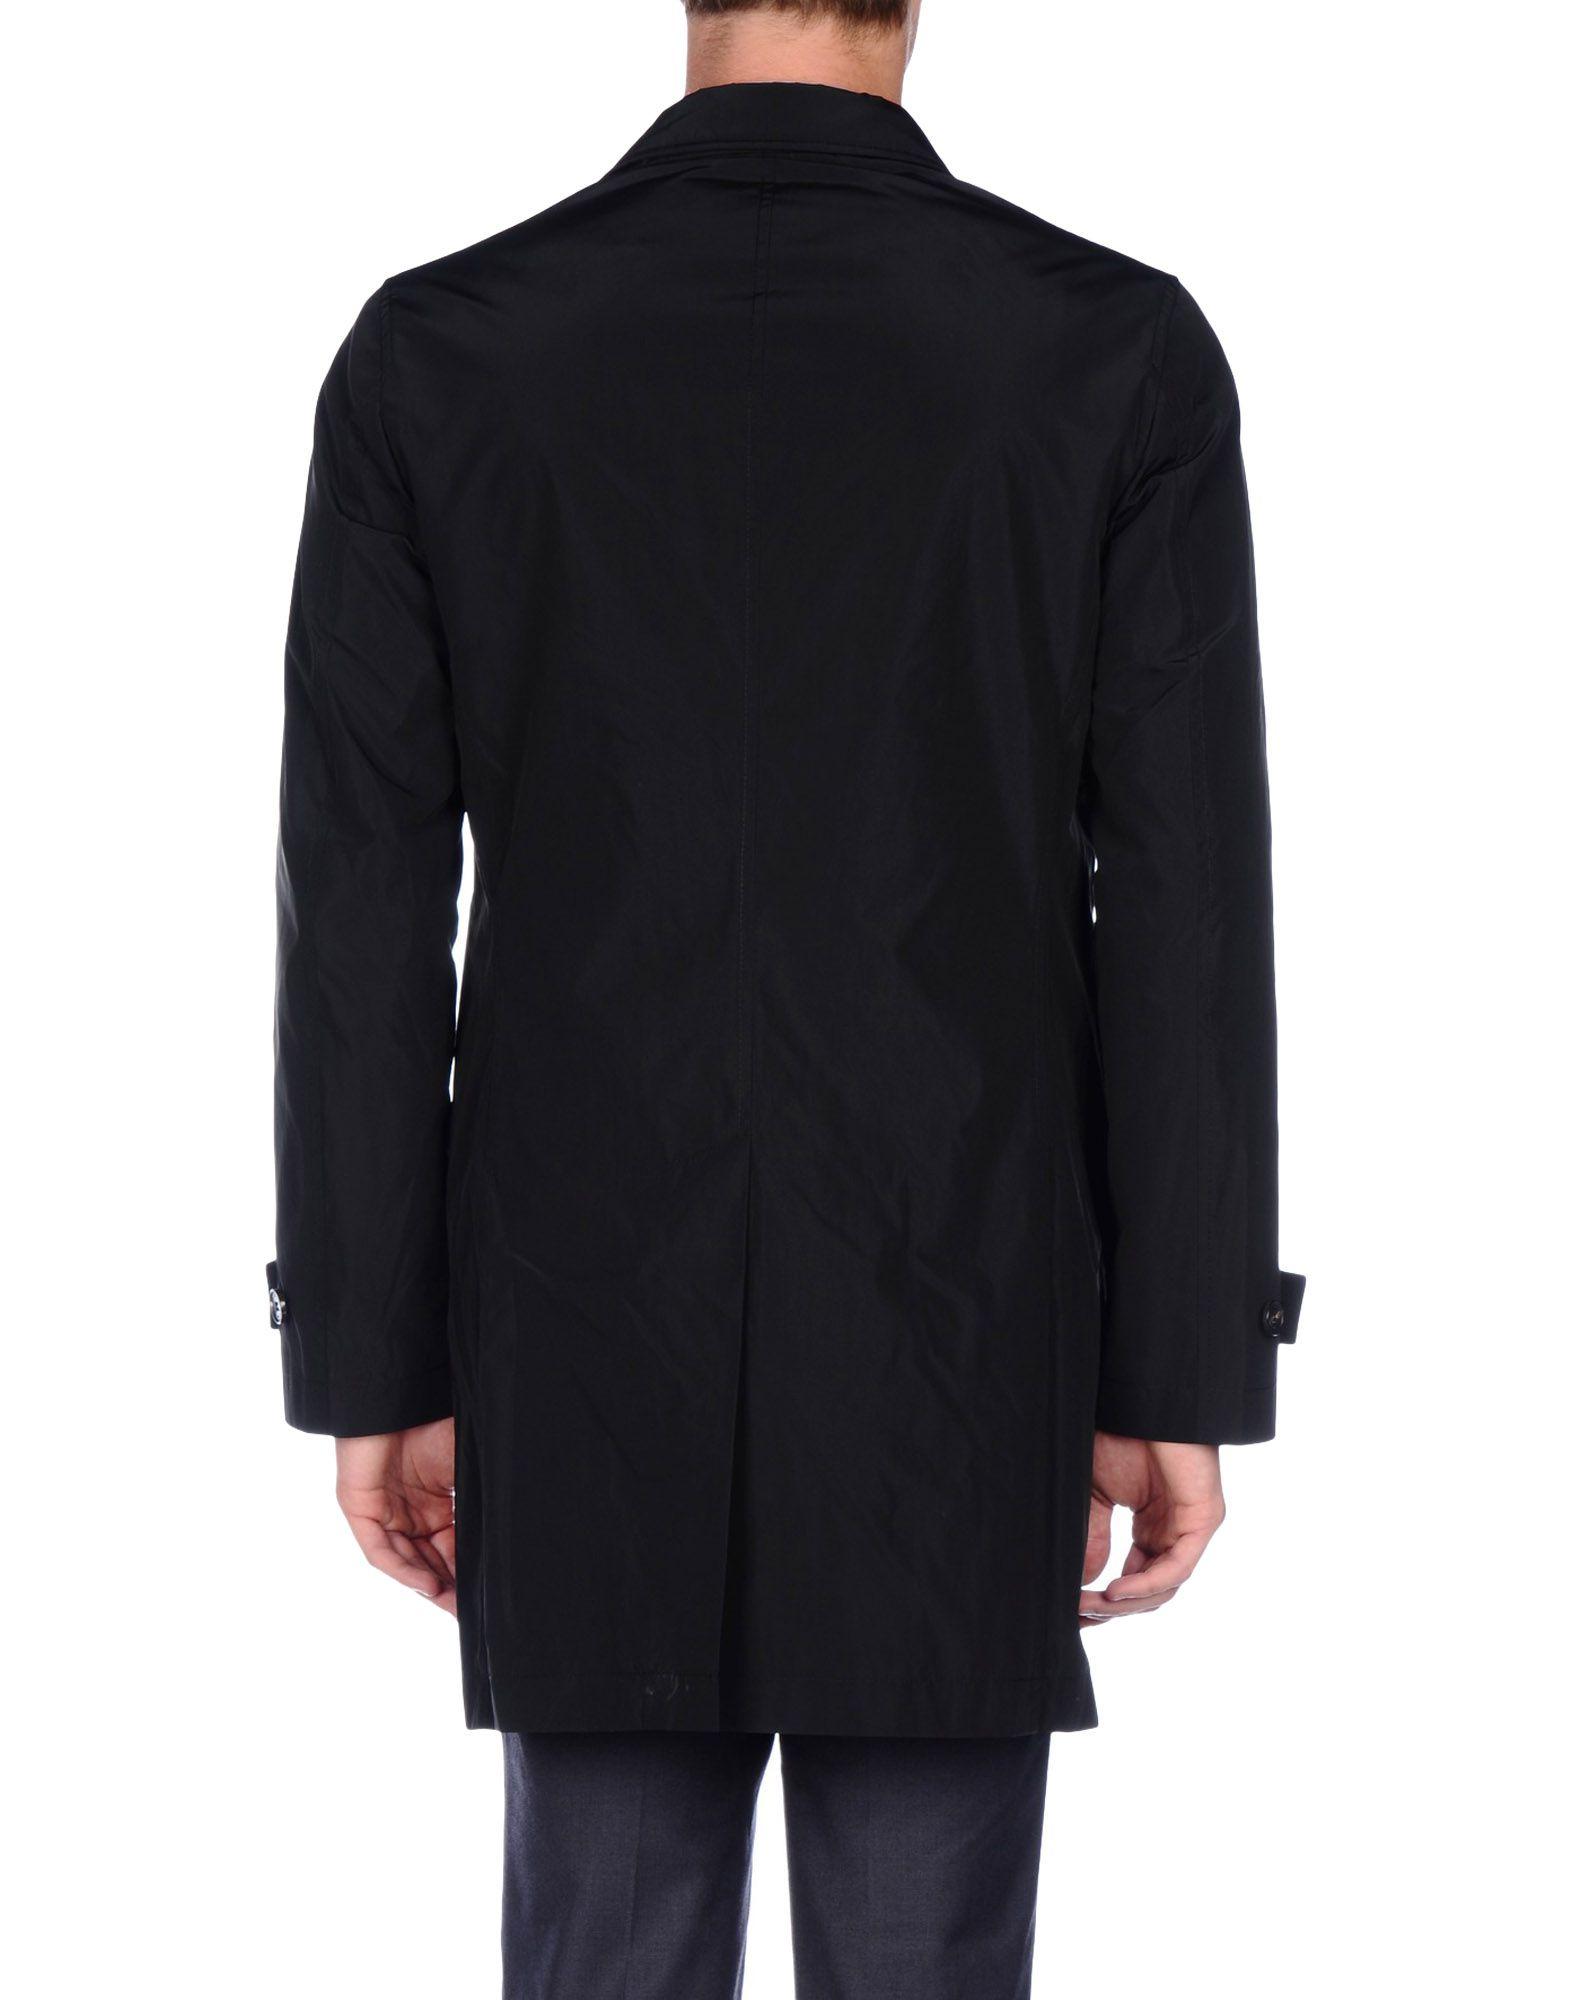 Lyst - Calvin Klein Jeans Full-length Jacket in Black for Men